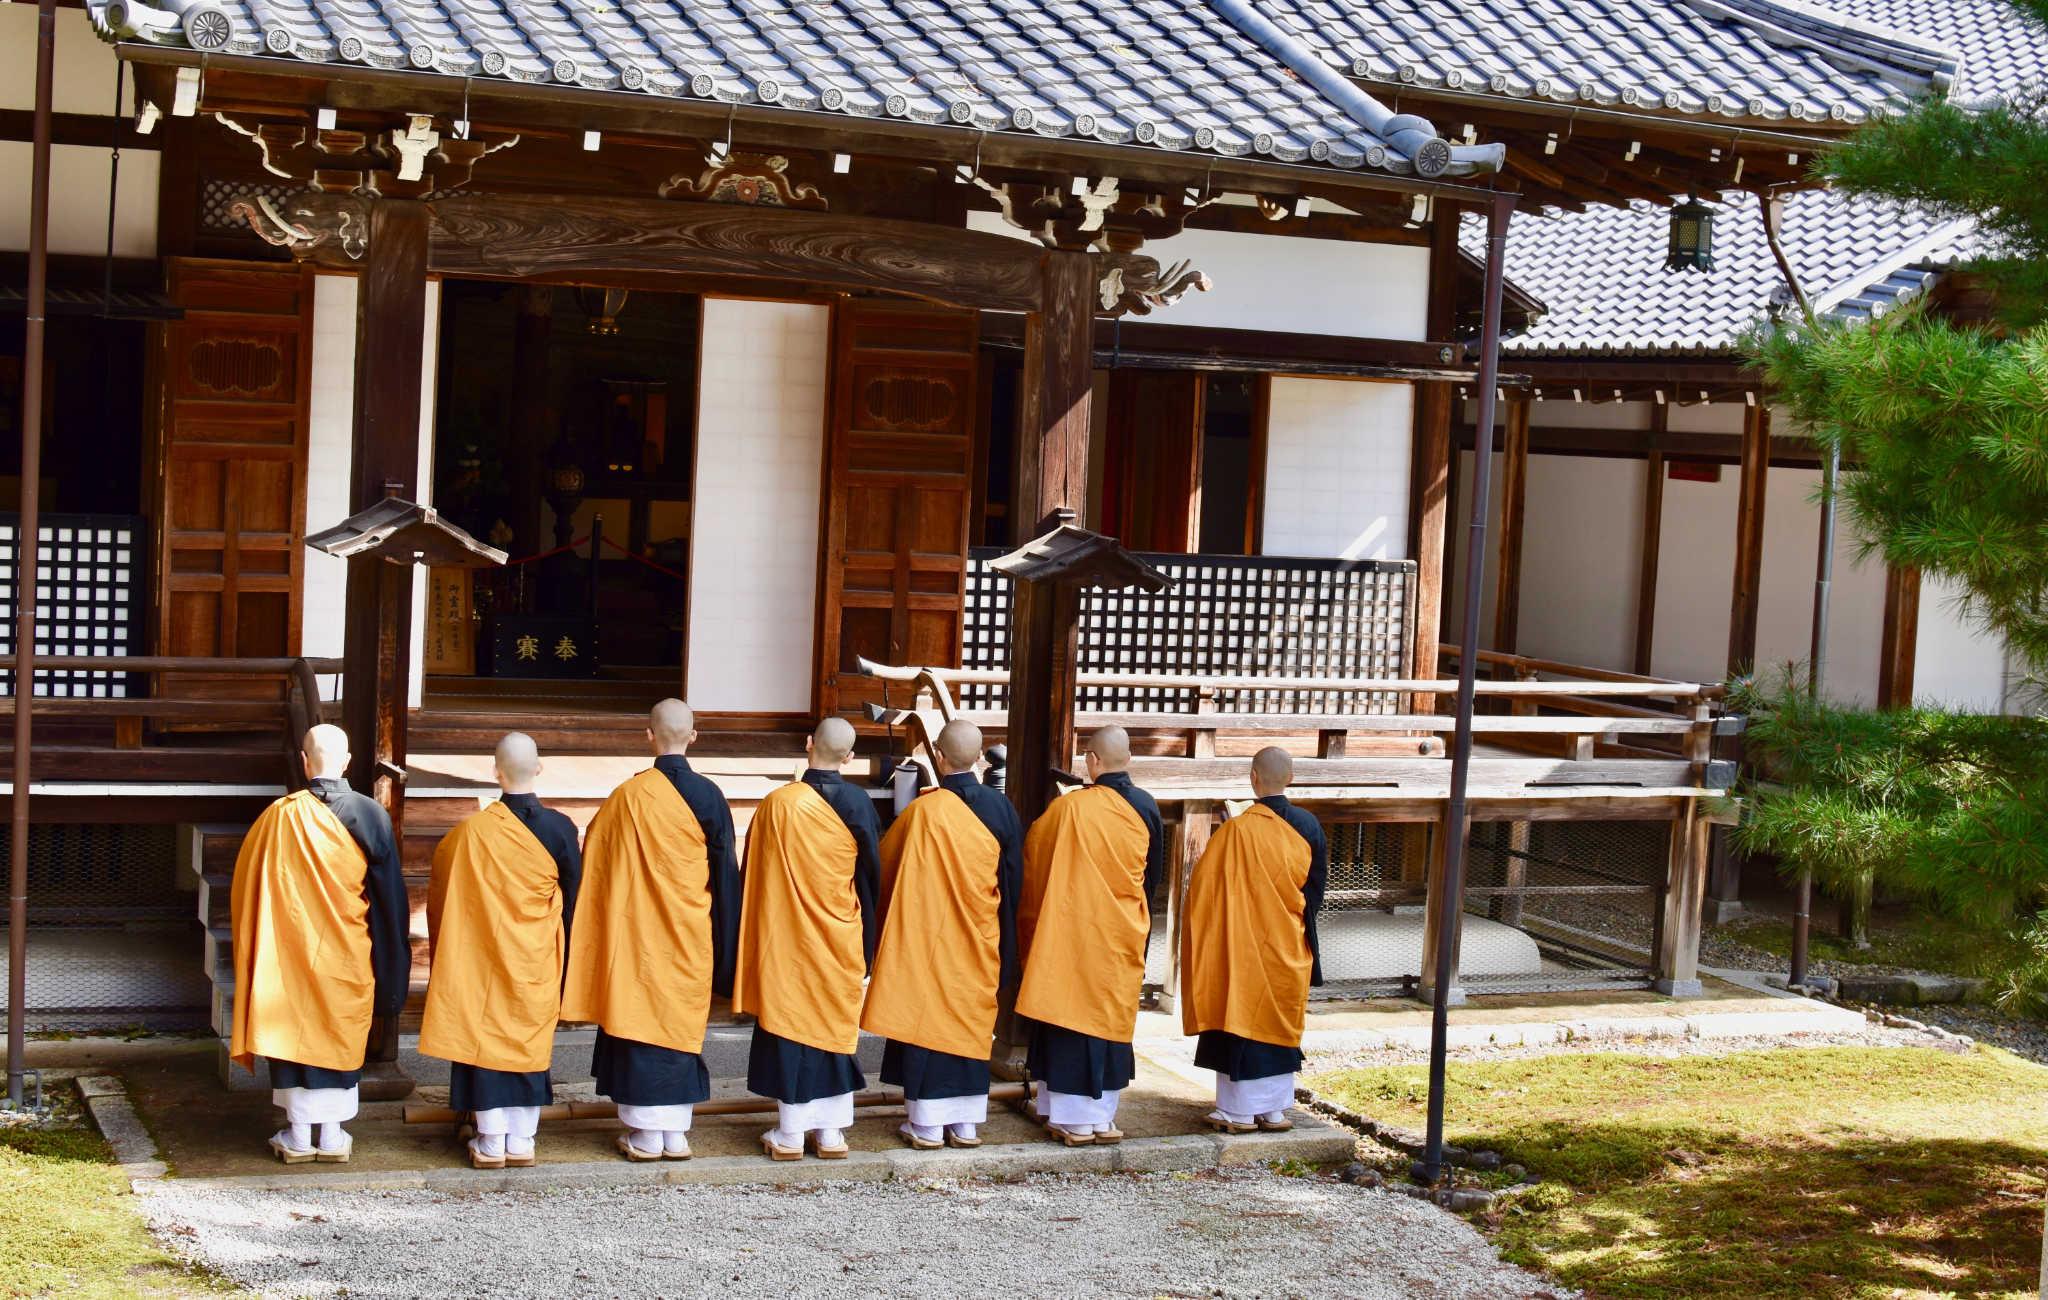 Lors d'une cérémonie bouddhiste, des moines chantent